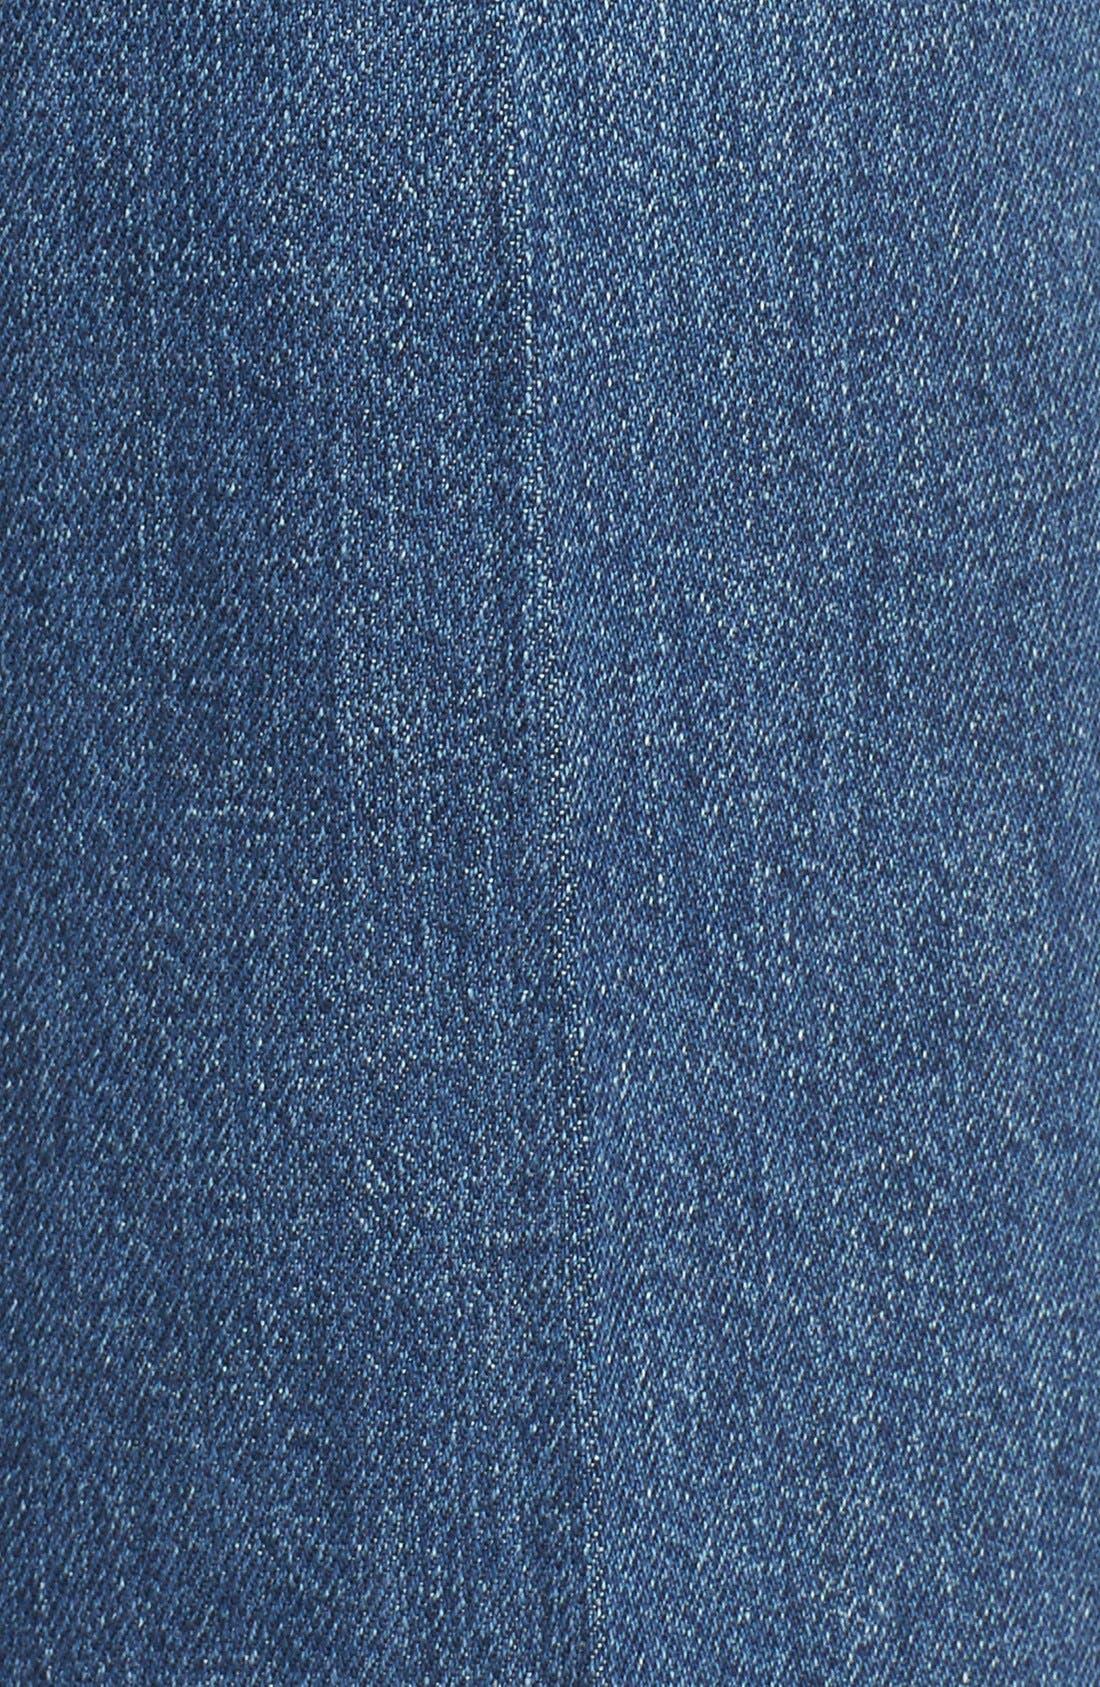 Alternate Image 5  - Joe's 'The Gaucho' Crop Flare Jeans (Edie)